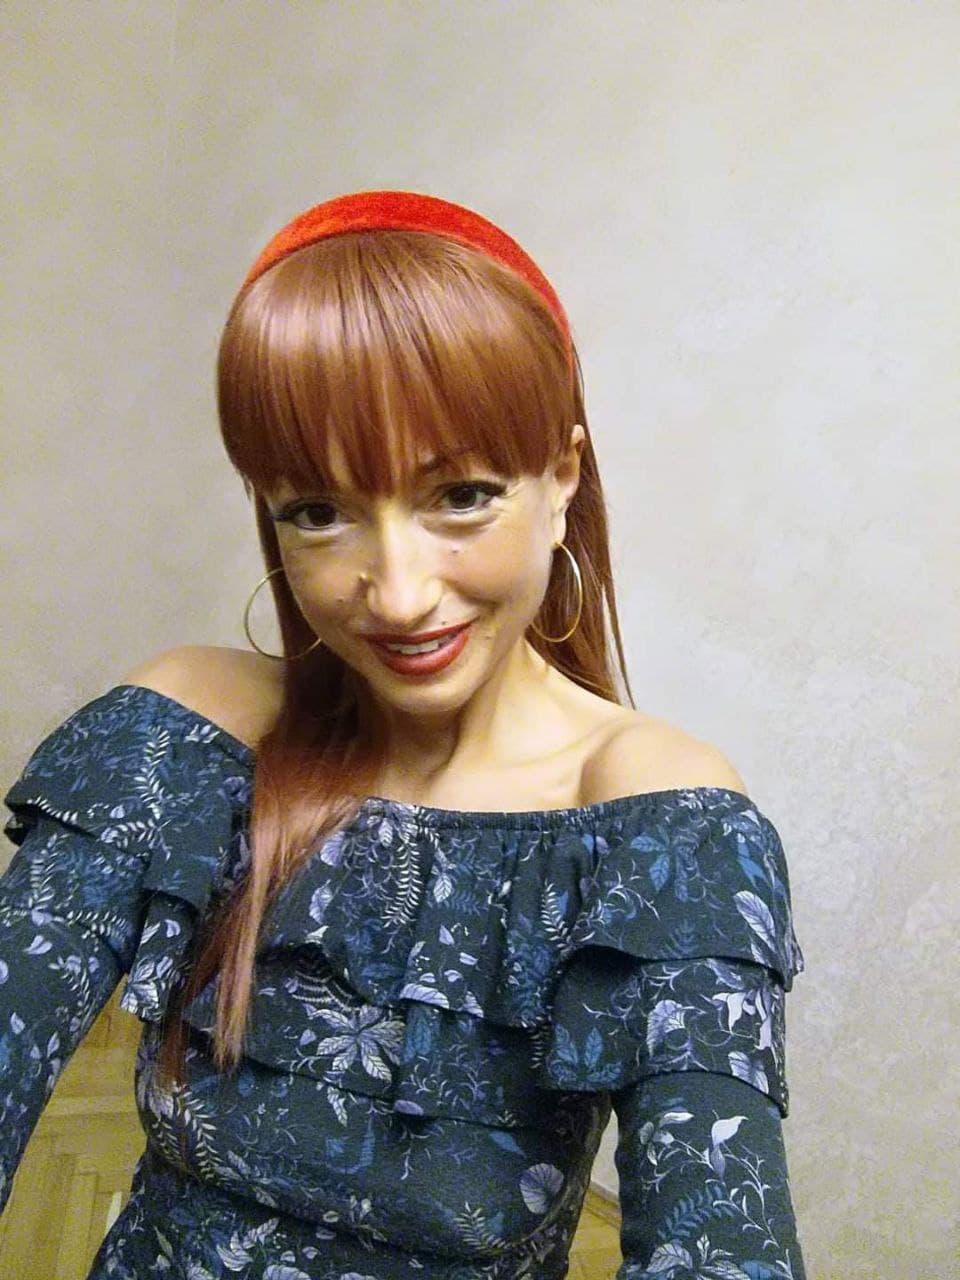 tatiana gromova - <b>Здається, у мене осіння депресія. Що робити?</b> Відповідають психологи - Заборона